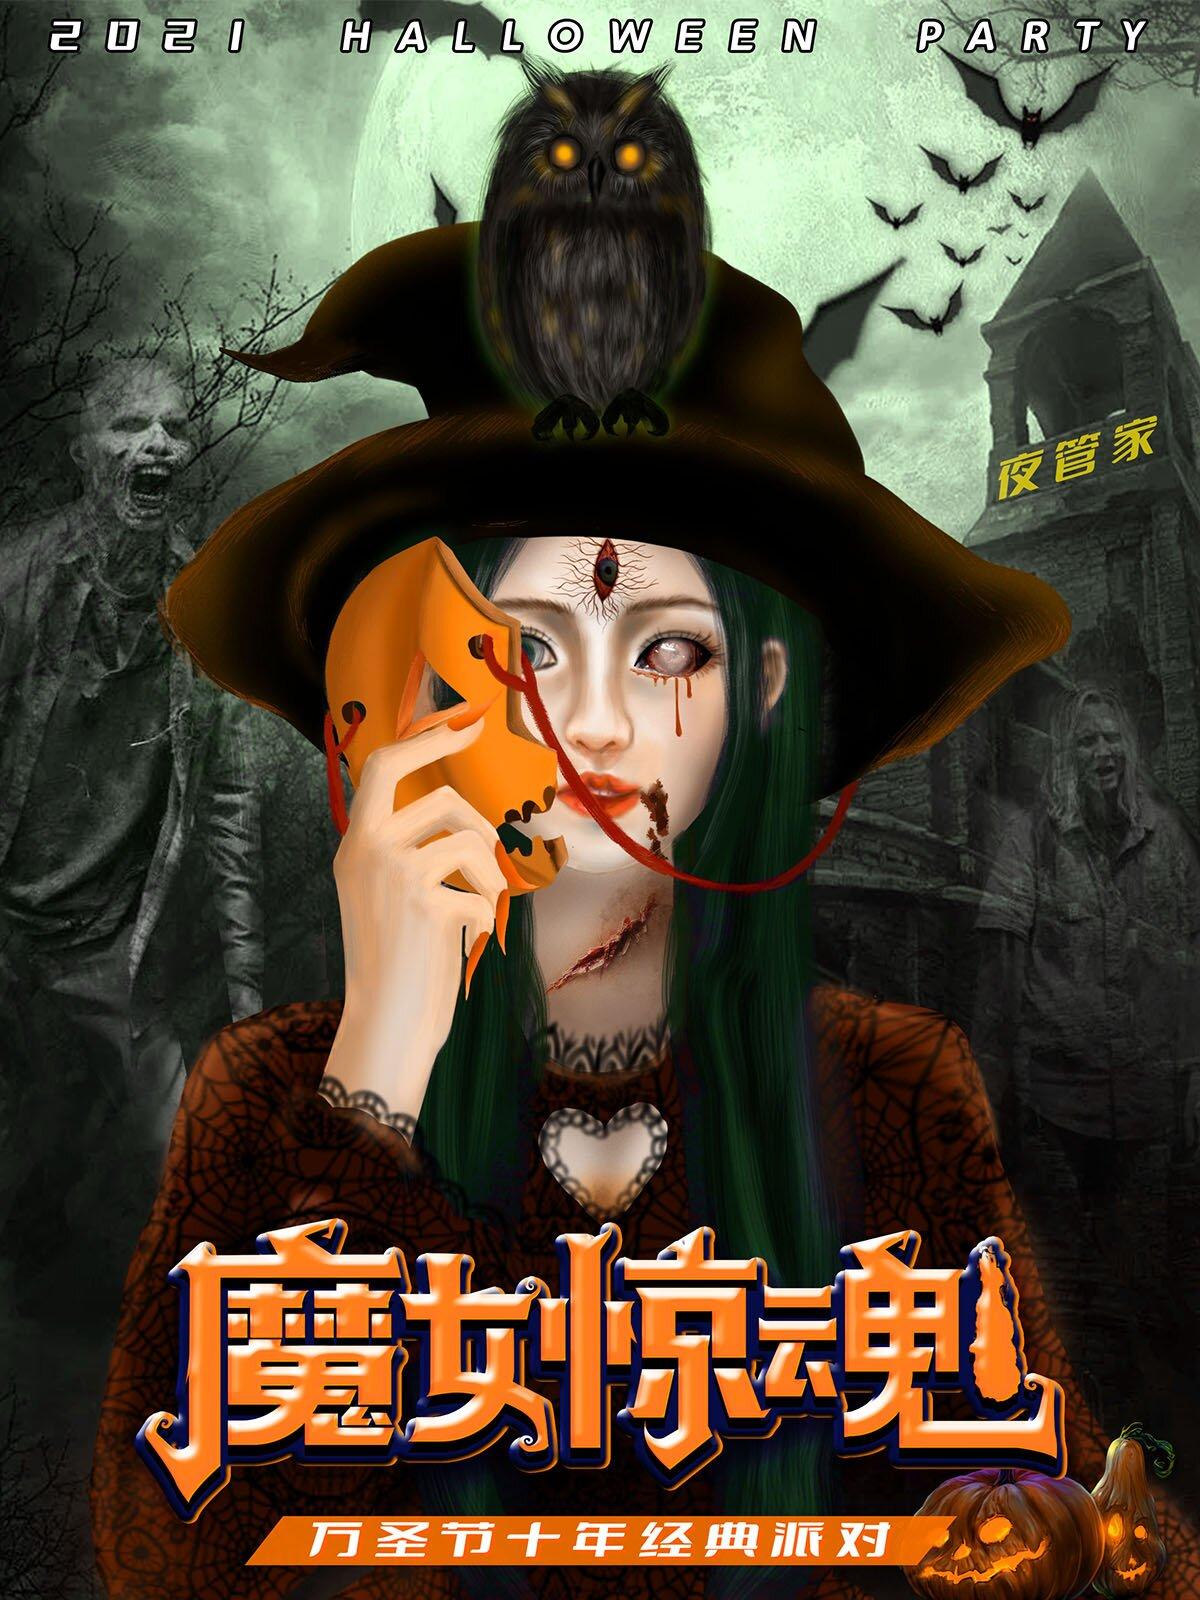 """【杭州】2021万圣节""""魔女惊魂""""变装惊悚派对 —奇幻变身,重获新生!"""